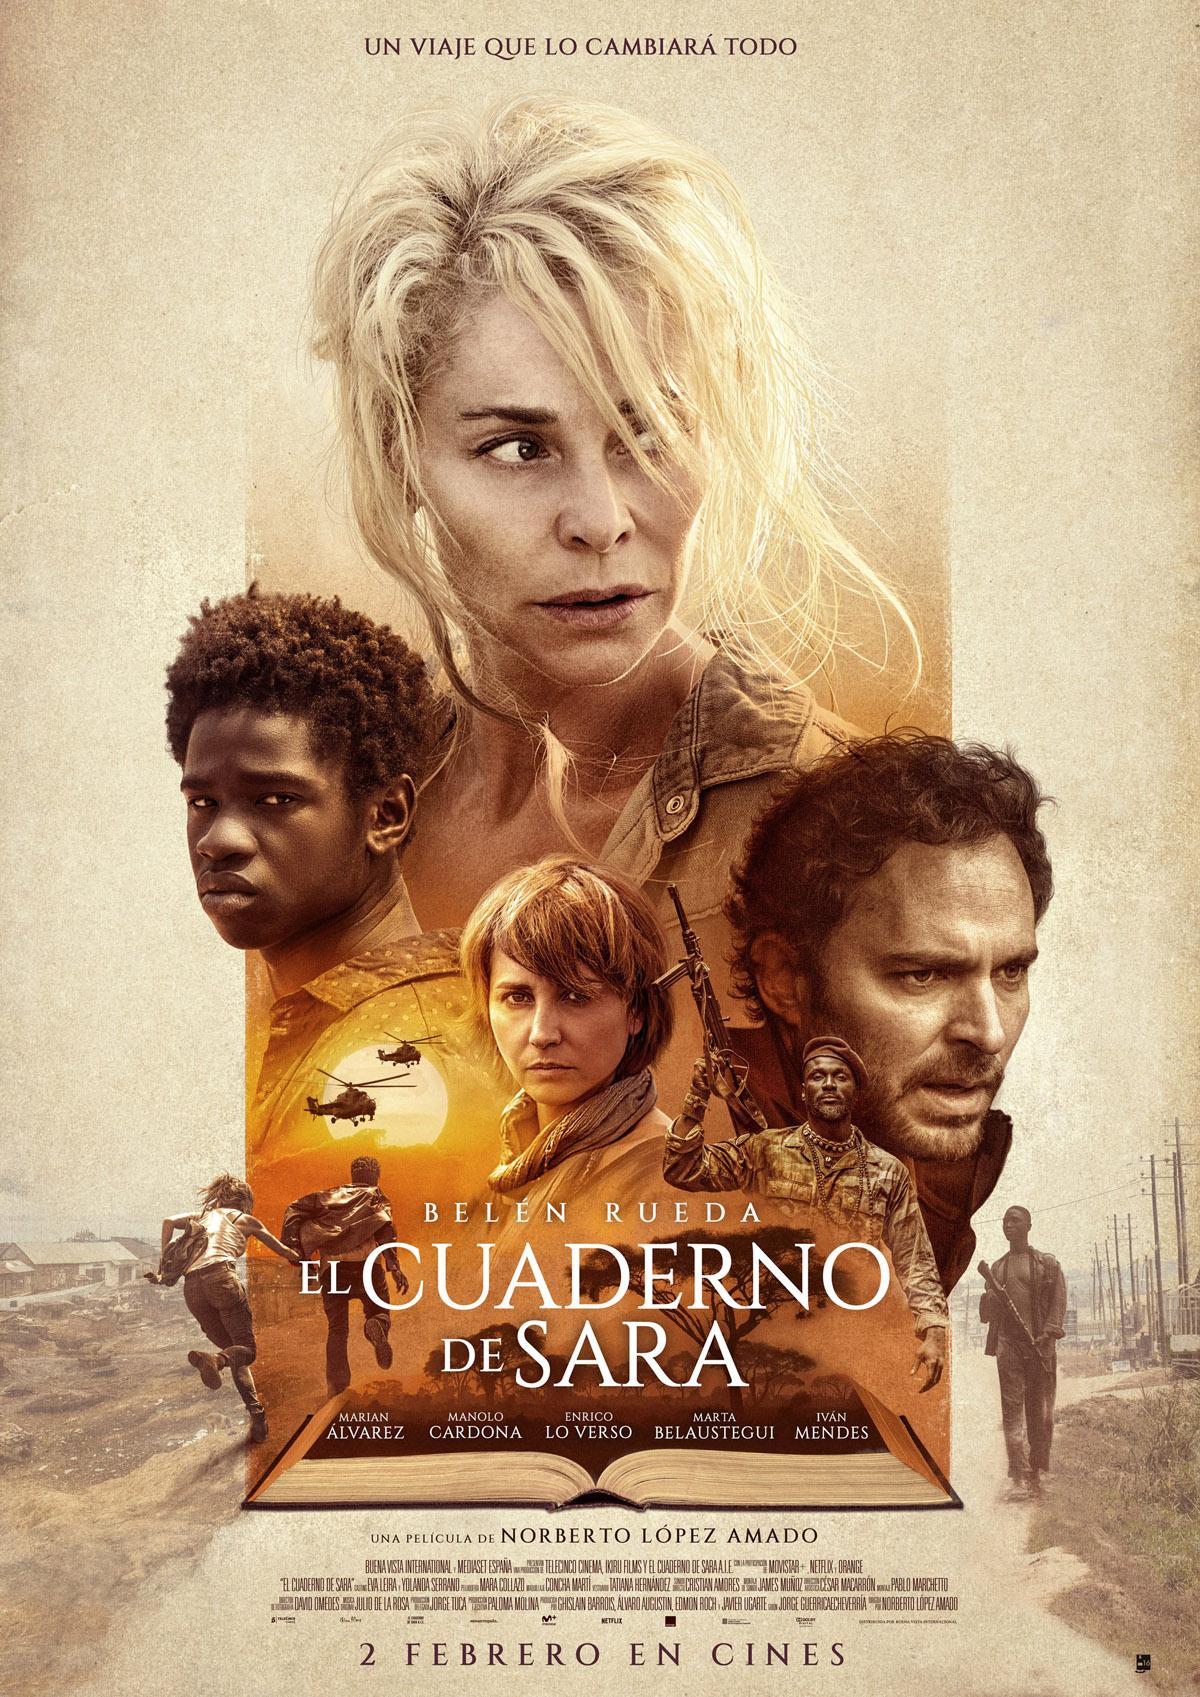 film streaming Le carnet de Sara